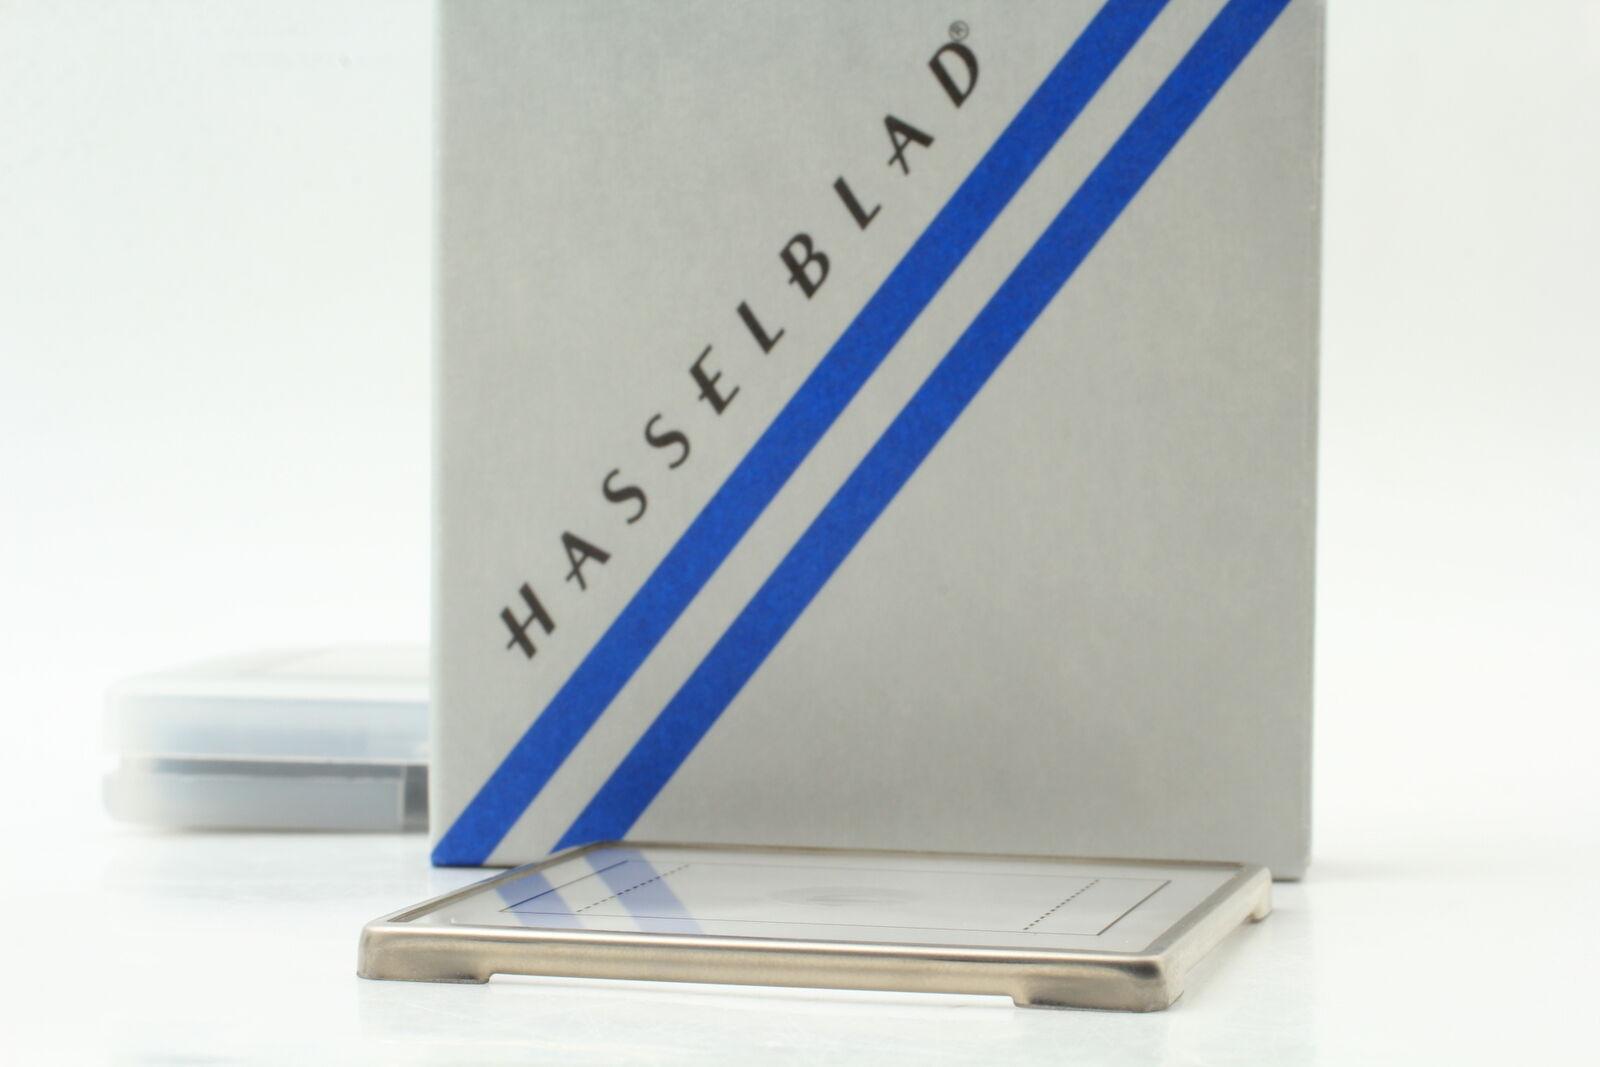 [Unused] Hasselblad Acute Matte D 3042264 Focusing Screen 44 x 33 CFV 50c Japan